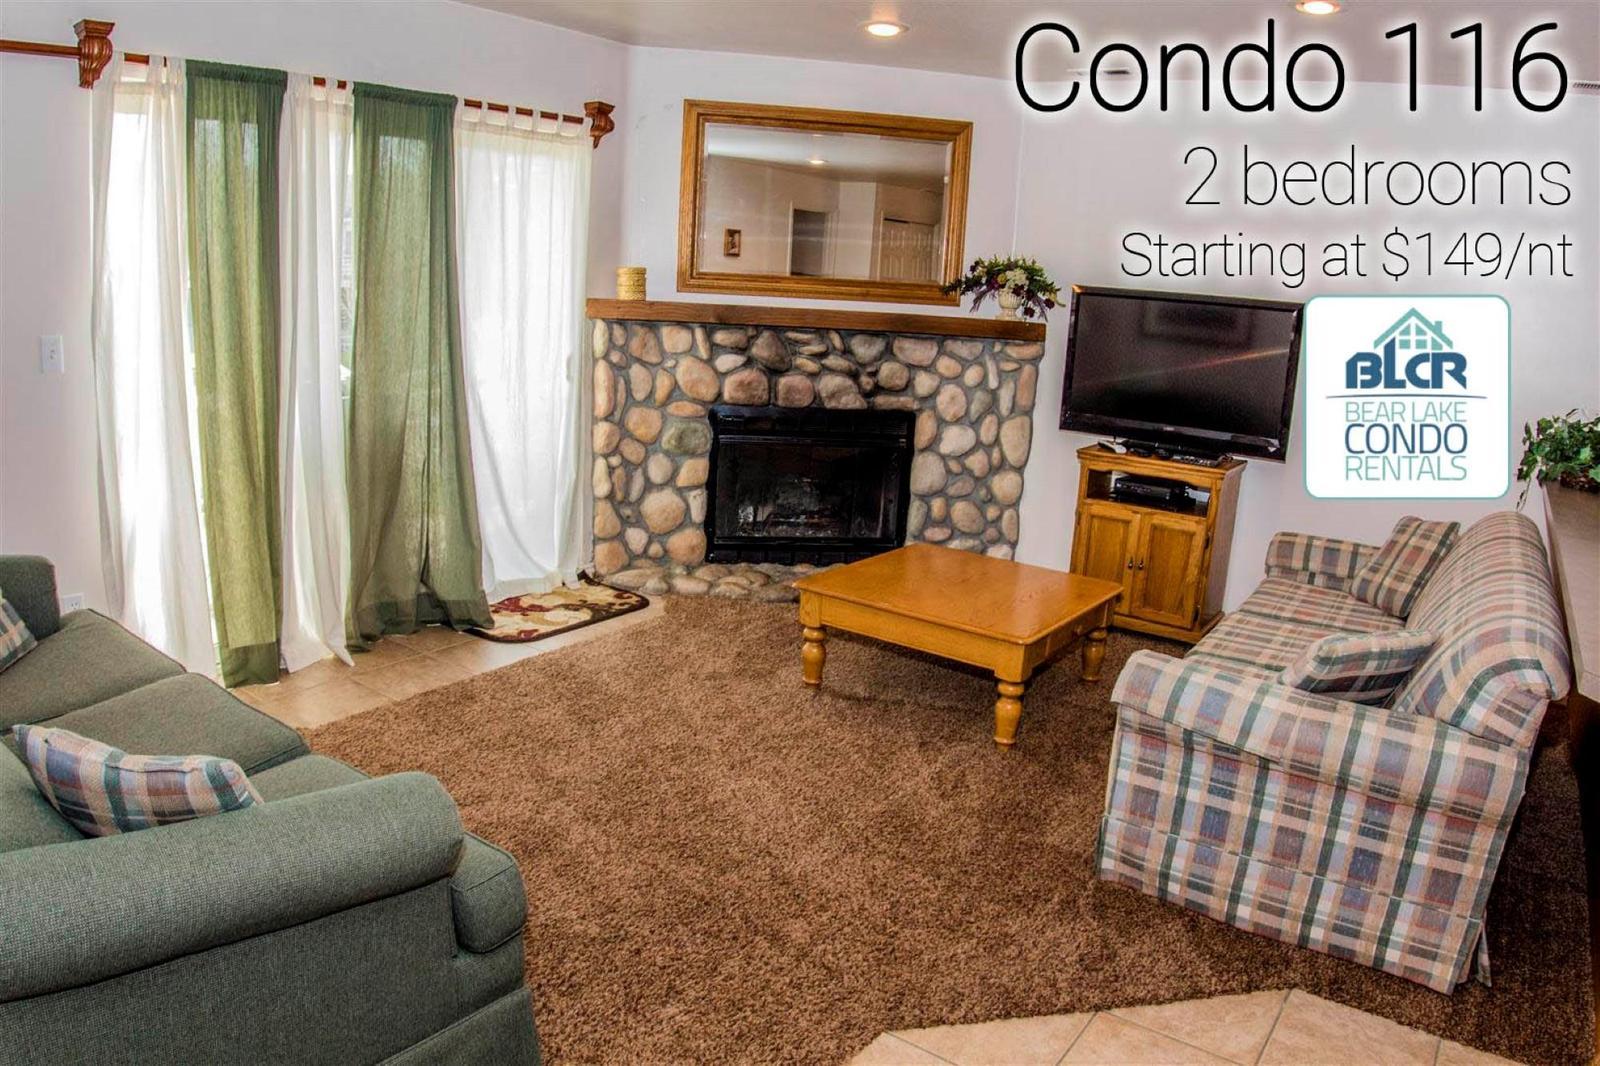 14-Plex Condo 116 - Bear Lake Condo Rentals